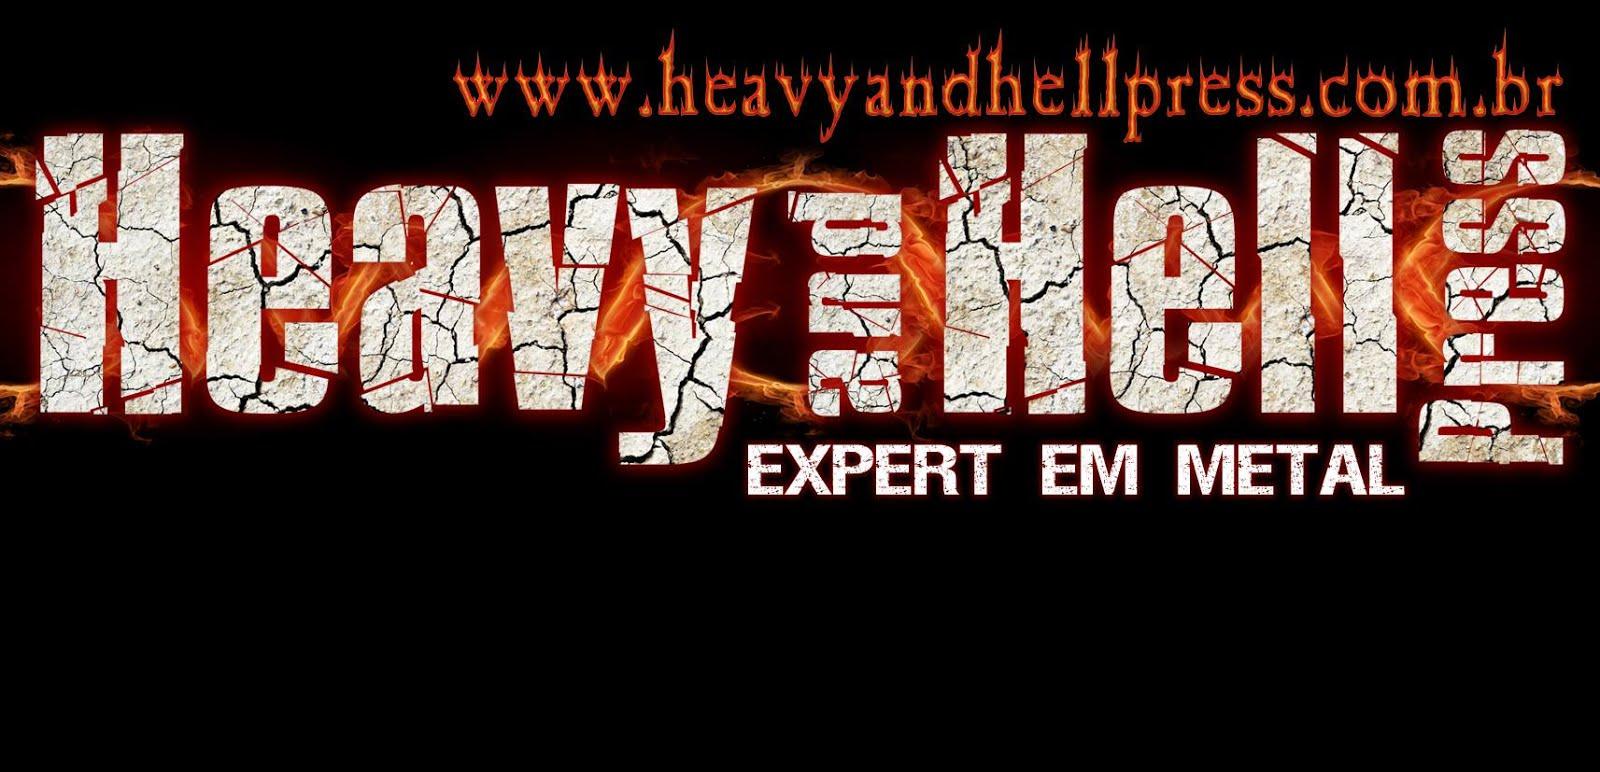 Agora estamos de cara nova! Clique na imagem e conheça o novo site da HEAVY AND HELL PRESS!